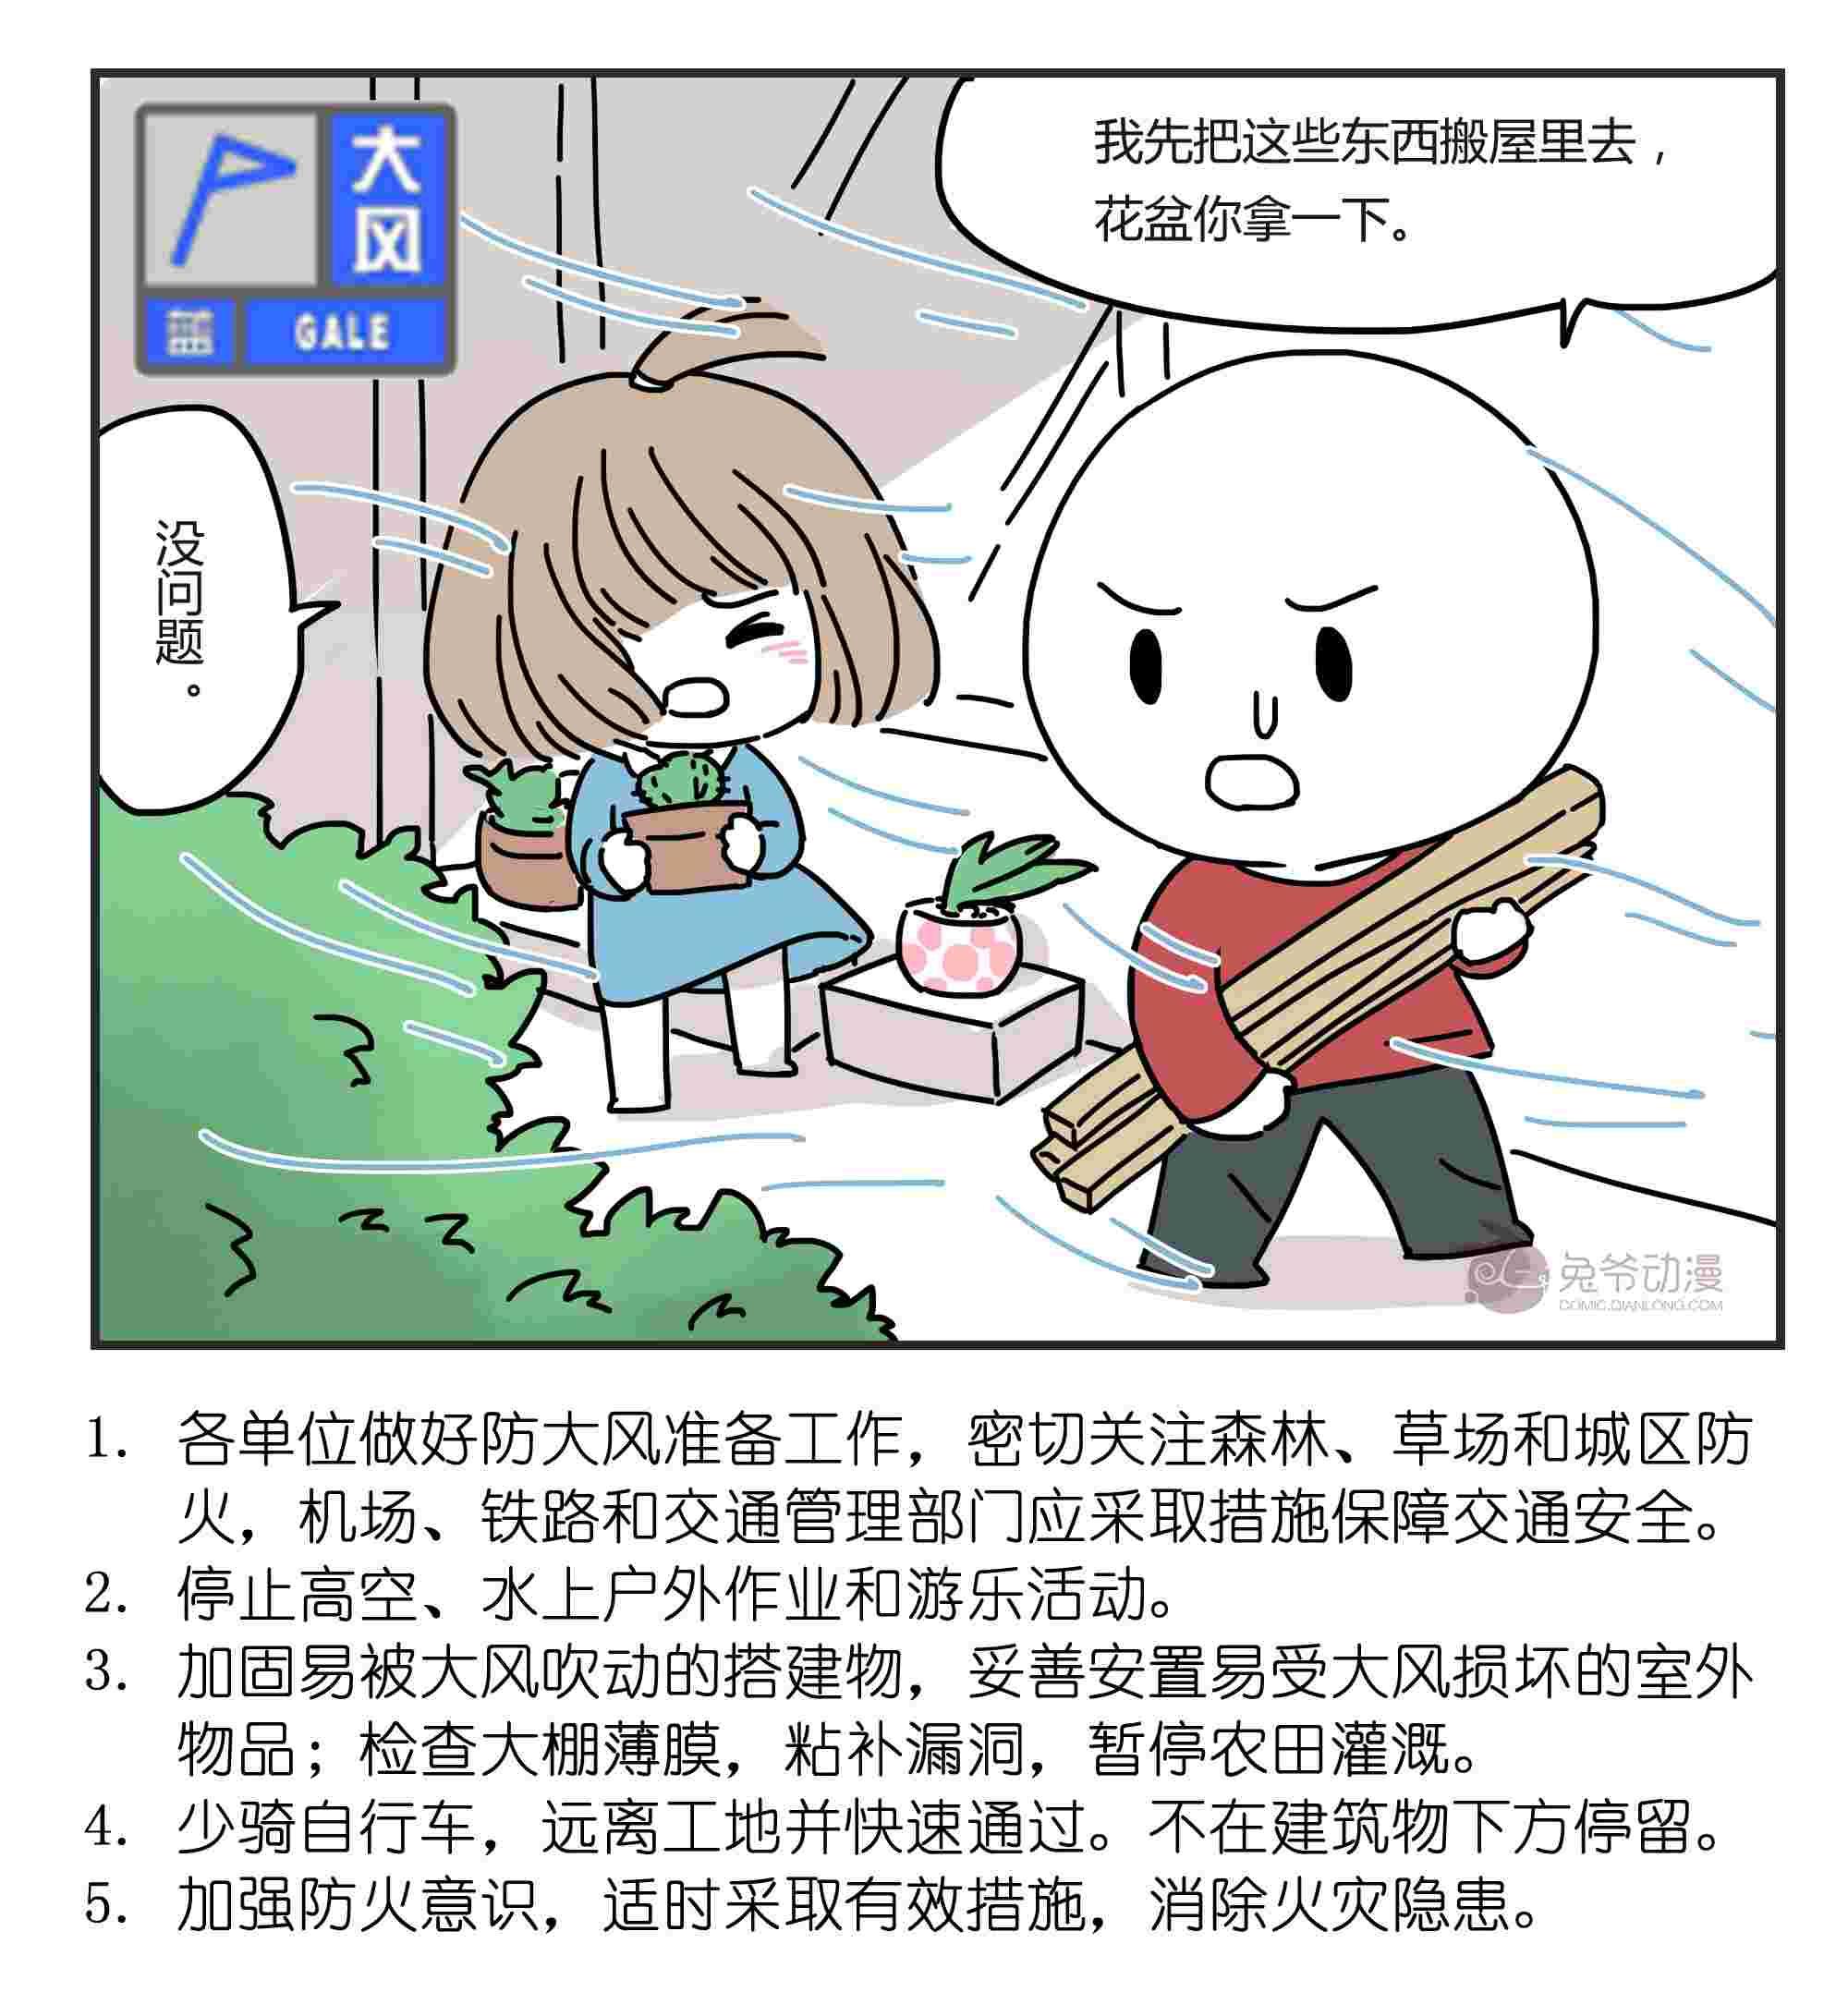 北京市2021年8月26日17时27分发布大风蓝色预警信号